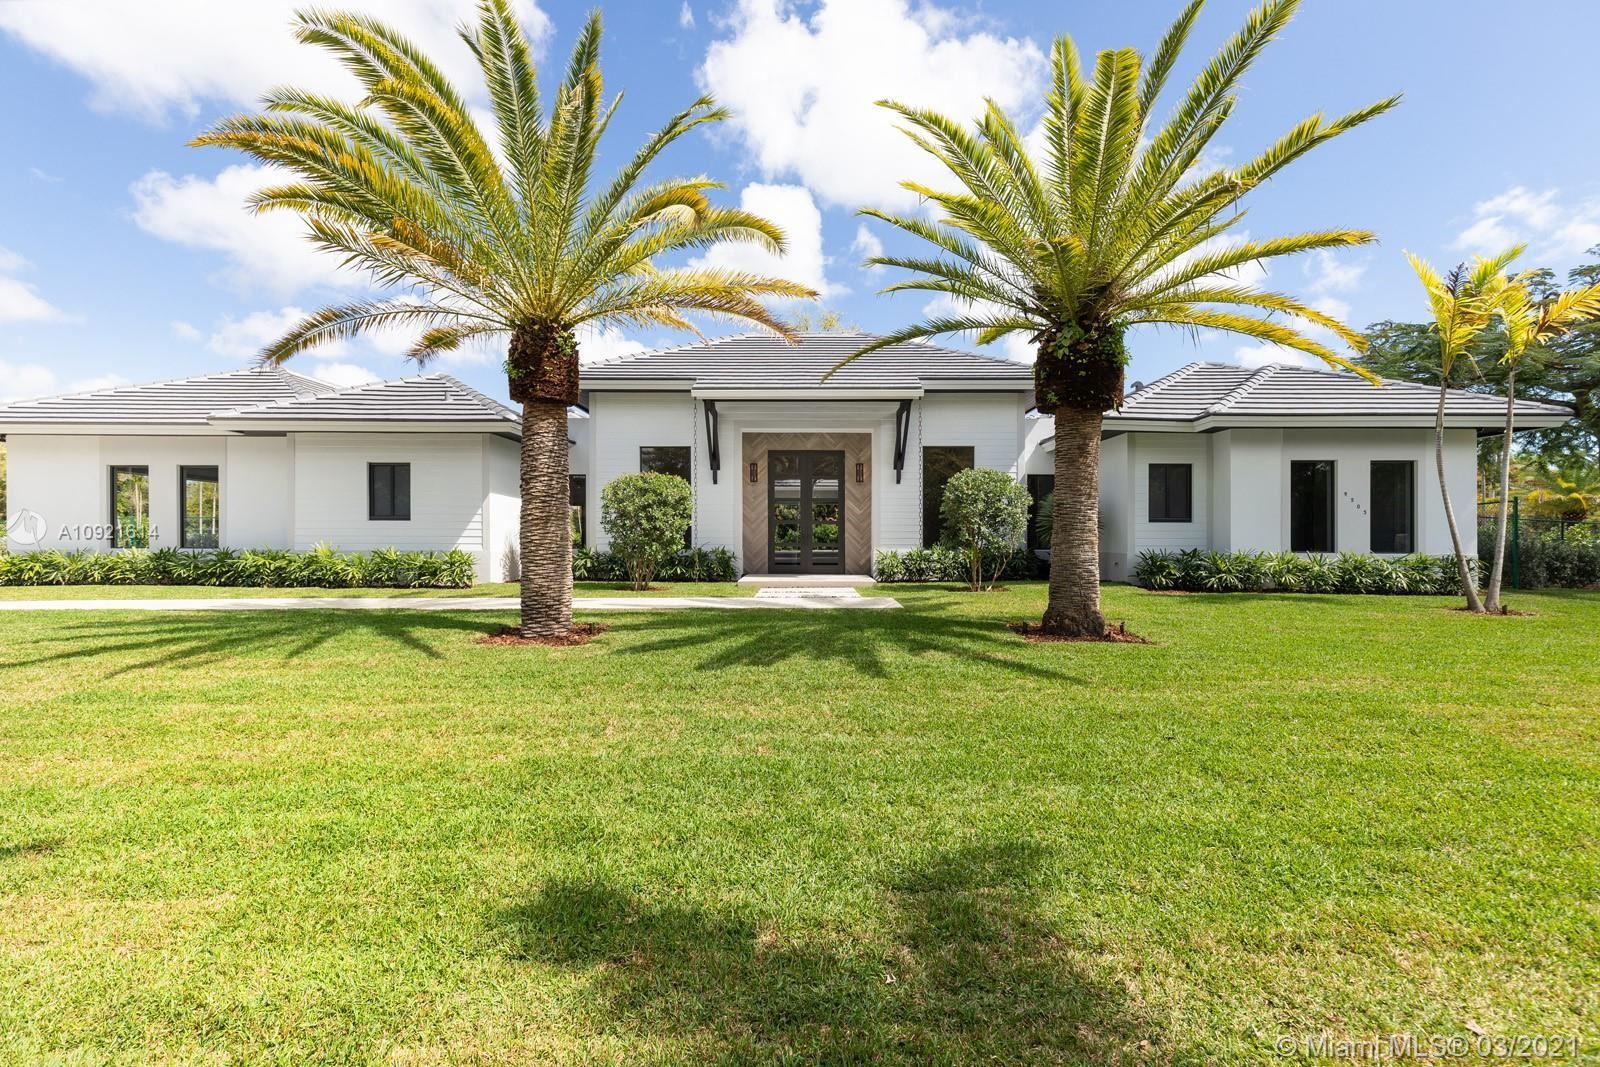 9505 SW 120th St, Miami, FL 33176 - #: A10921614